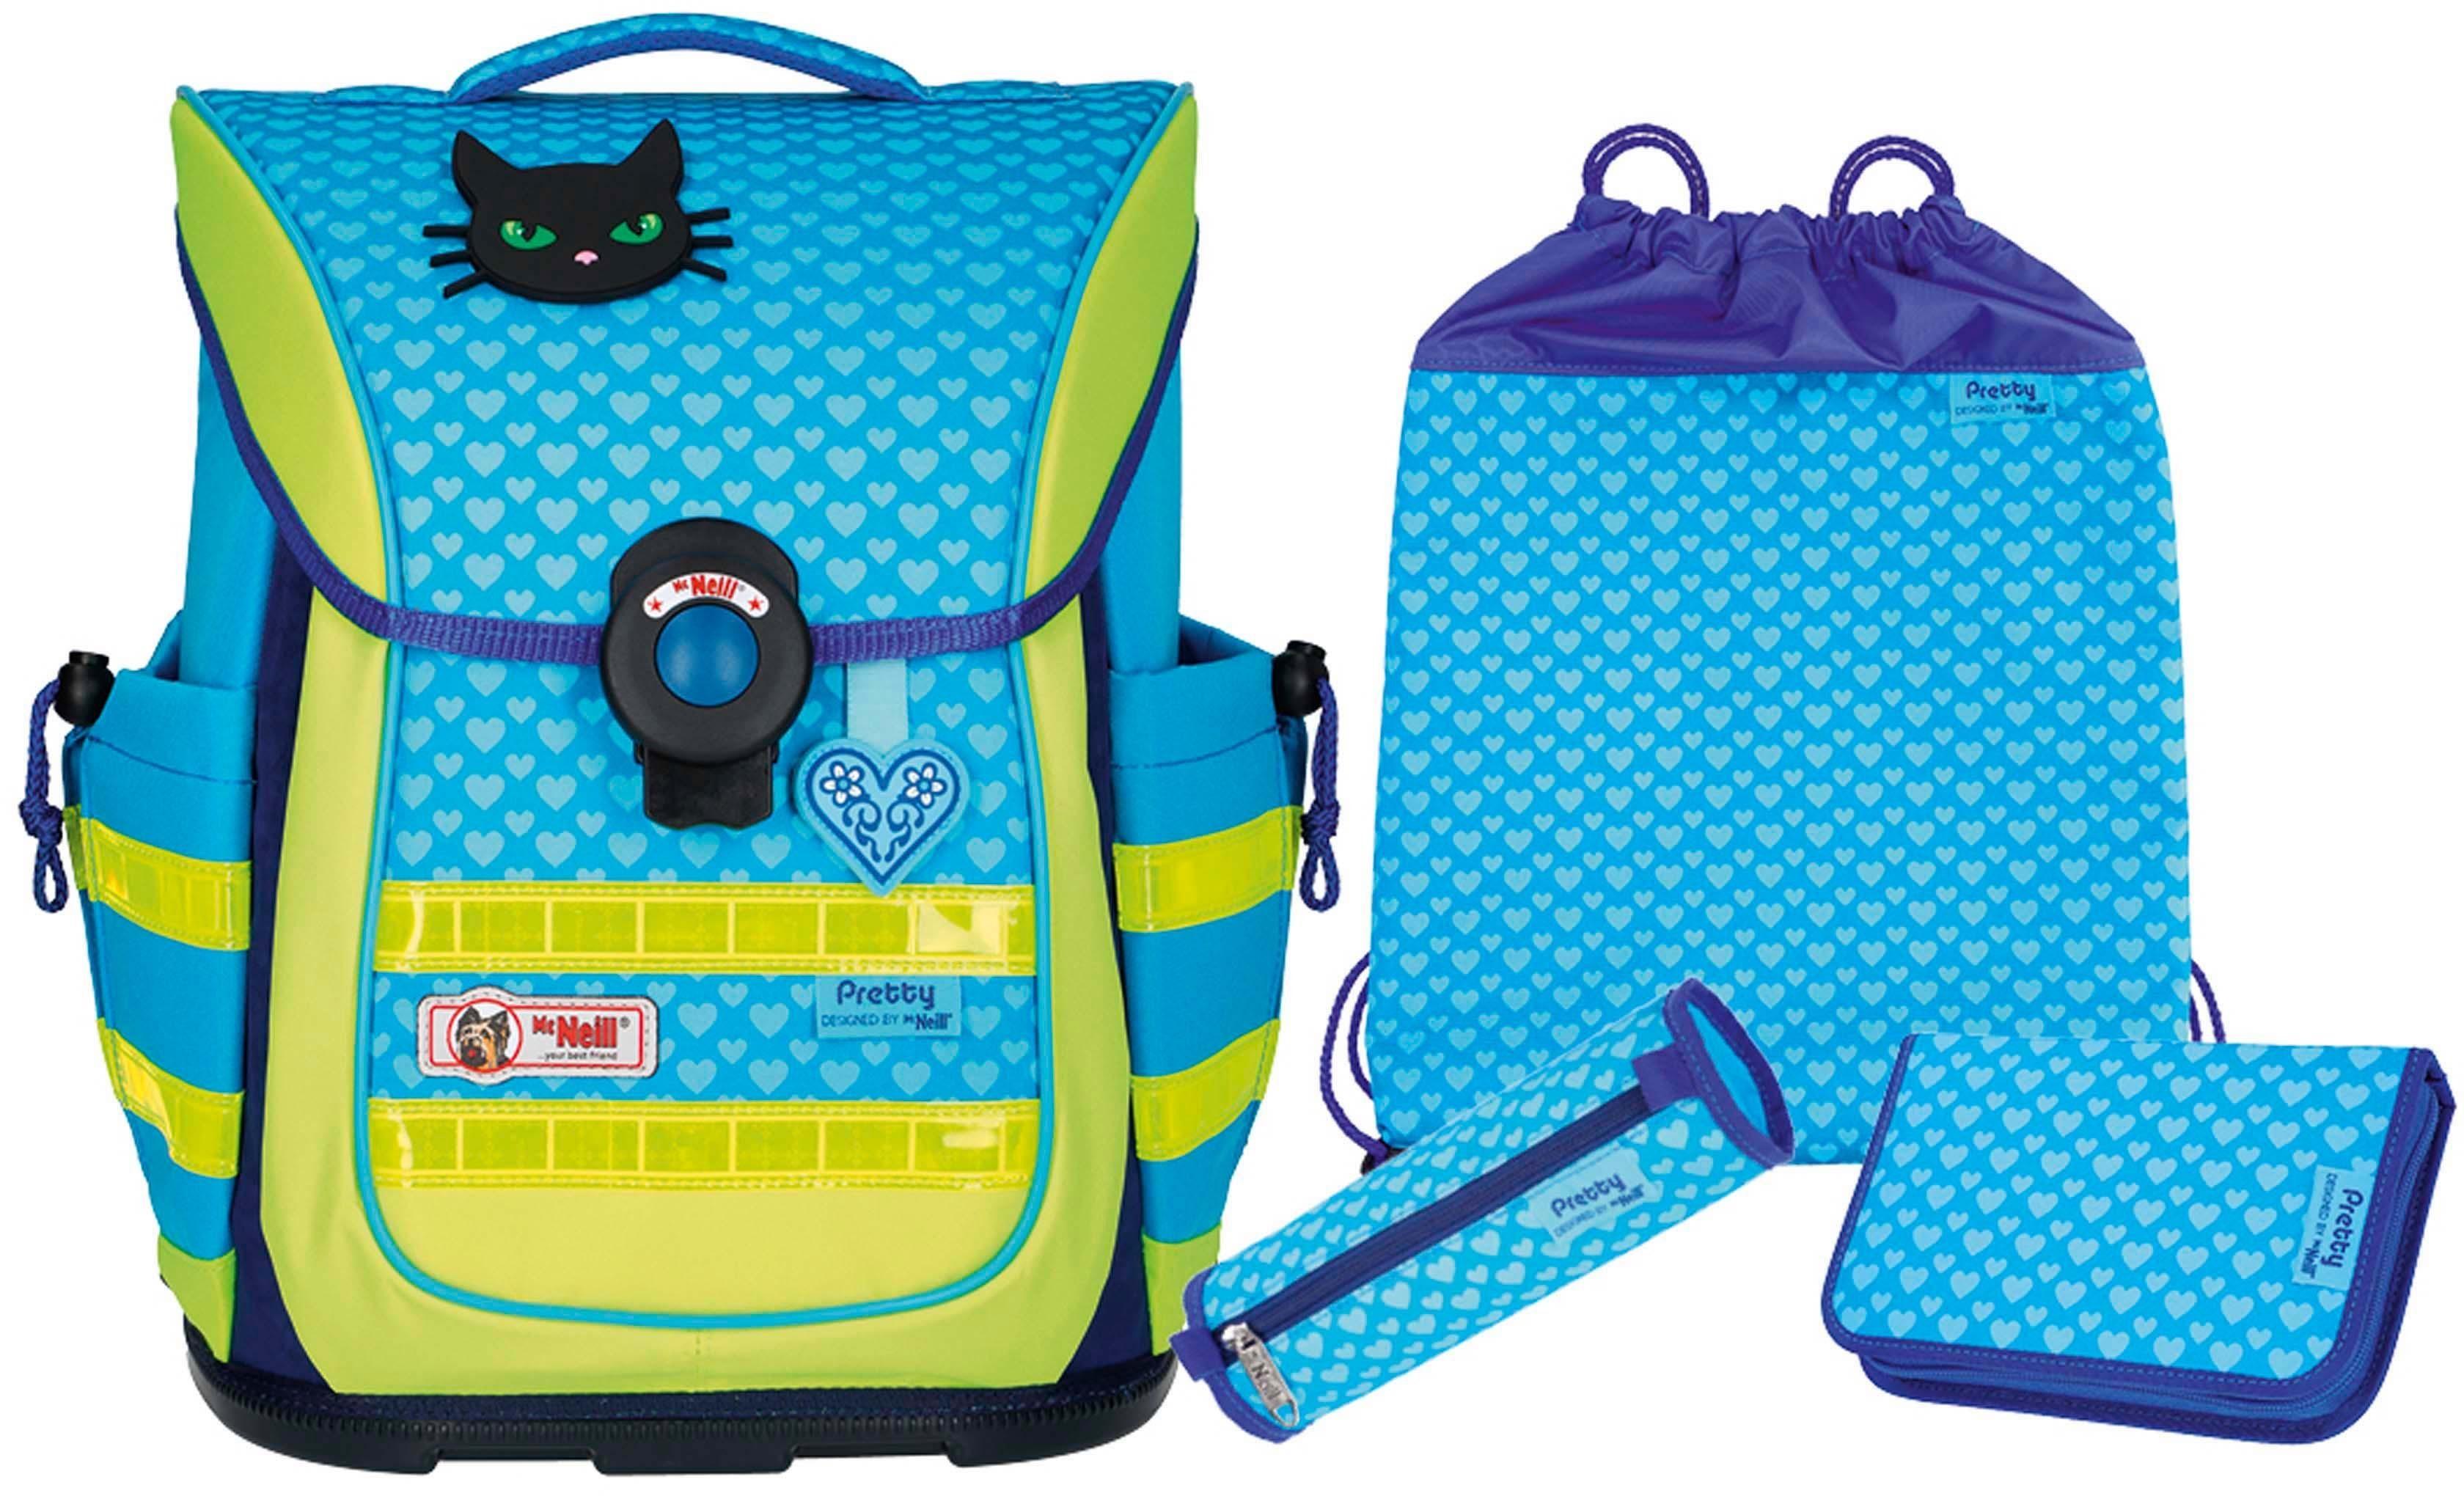 Jungen-accessoires Osprey Jet 18 Rucksack Tagesrucksack Tasche Strawberry Red Rot Neu Weich Und Rutschhemmend Taschen